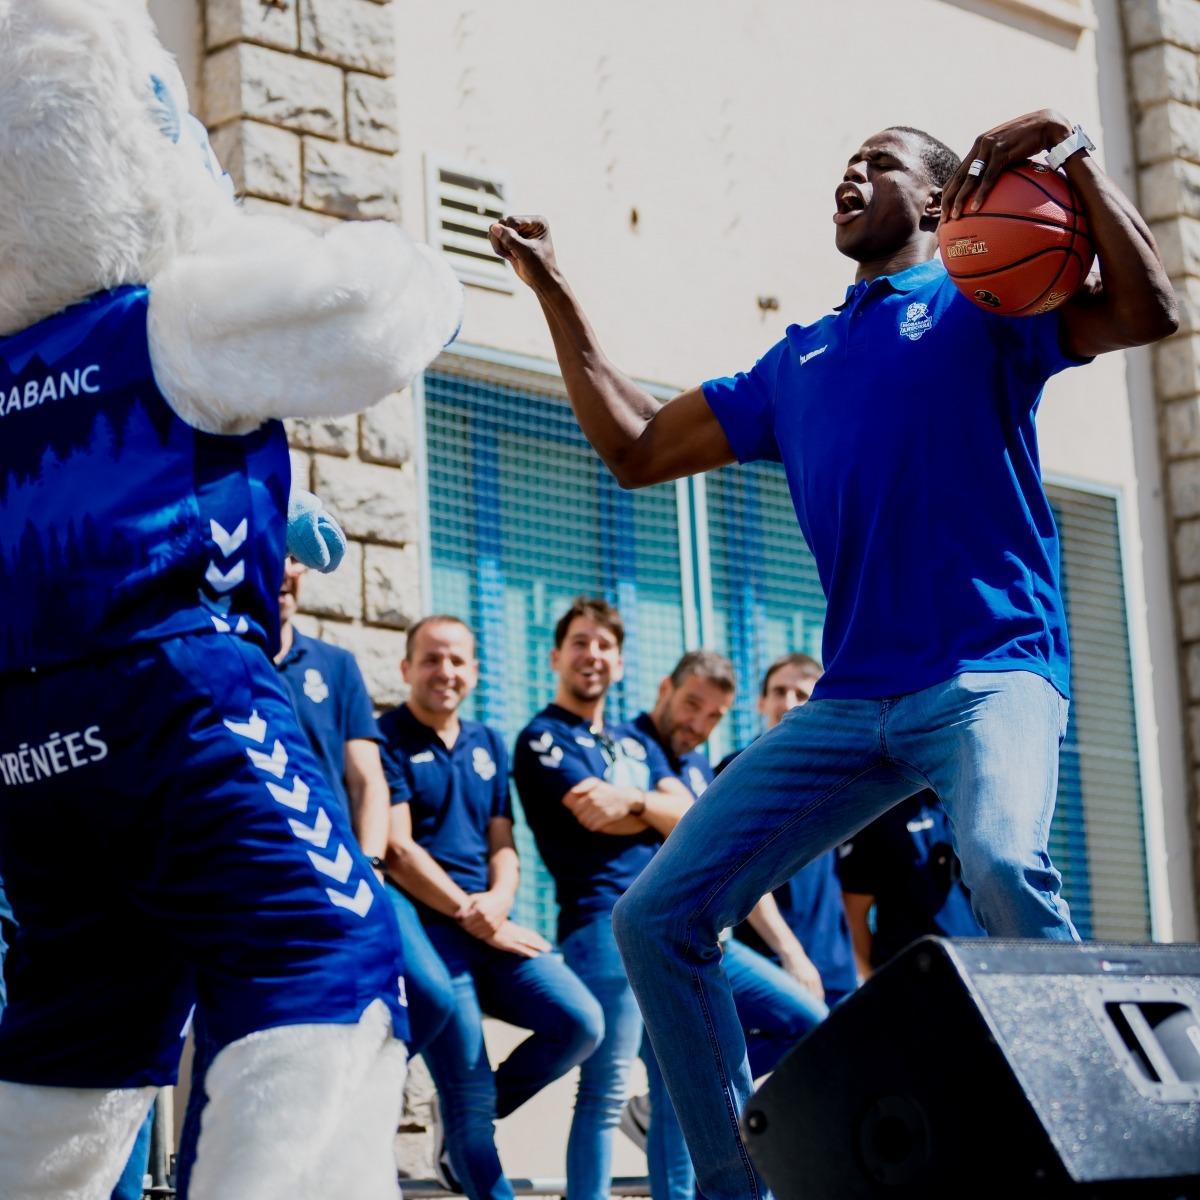 Moussa Diagne, que s'està recuperant d'una lesió al bessó, va ser l'ànima de la festa. Foto: BCA / Martín Imatge